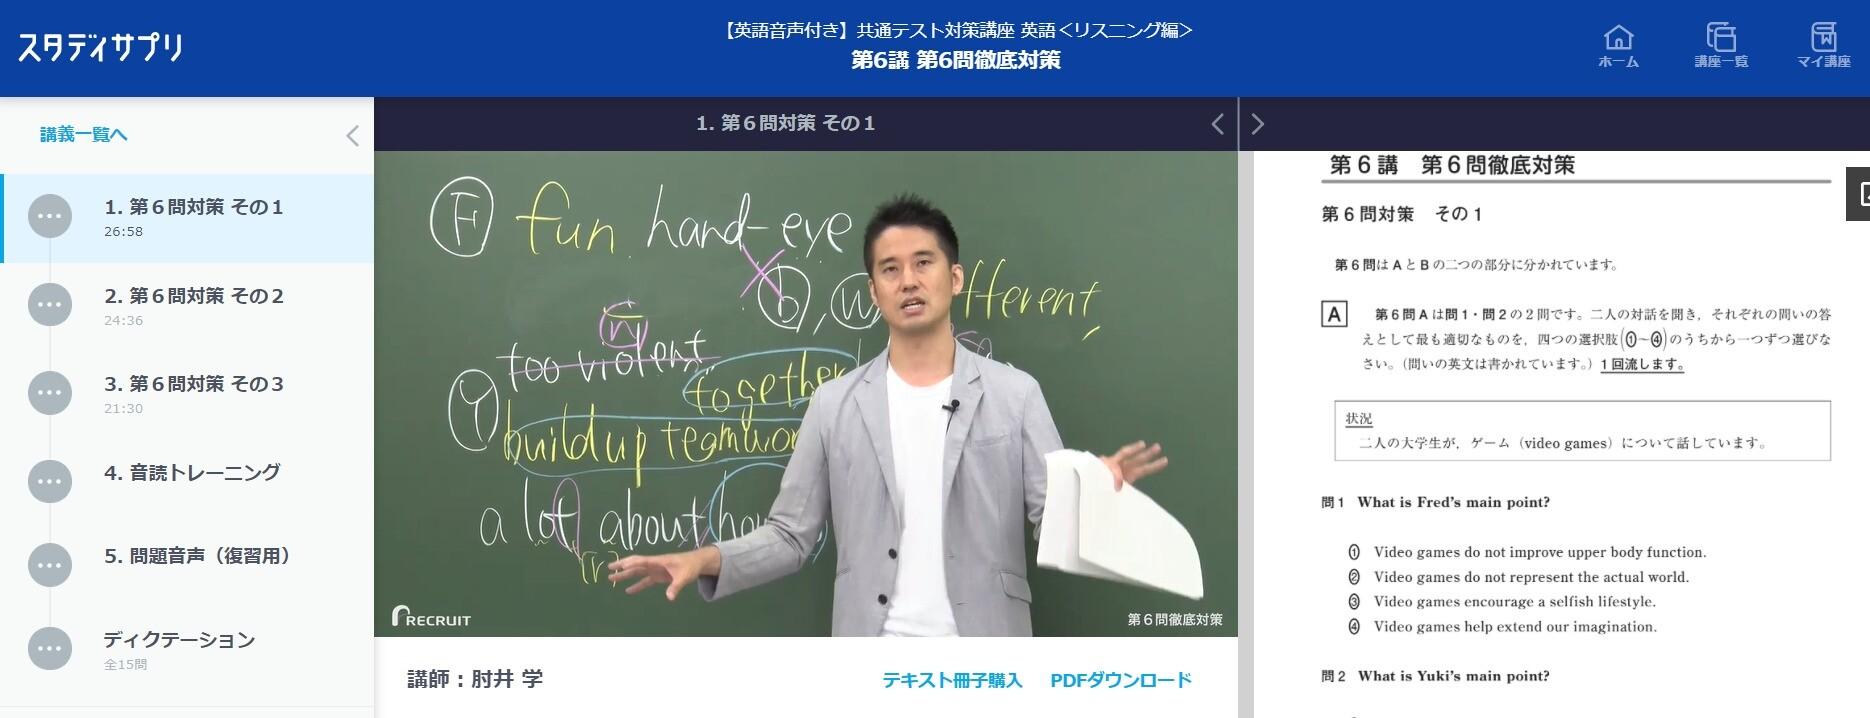 共通テスト対策講座英語リスニング編の授業風景